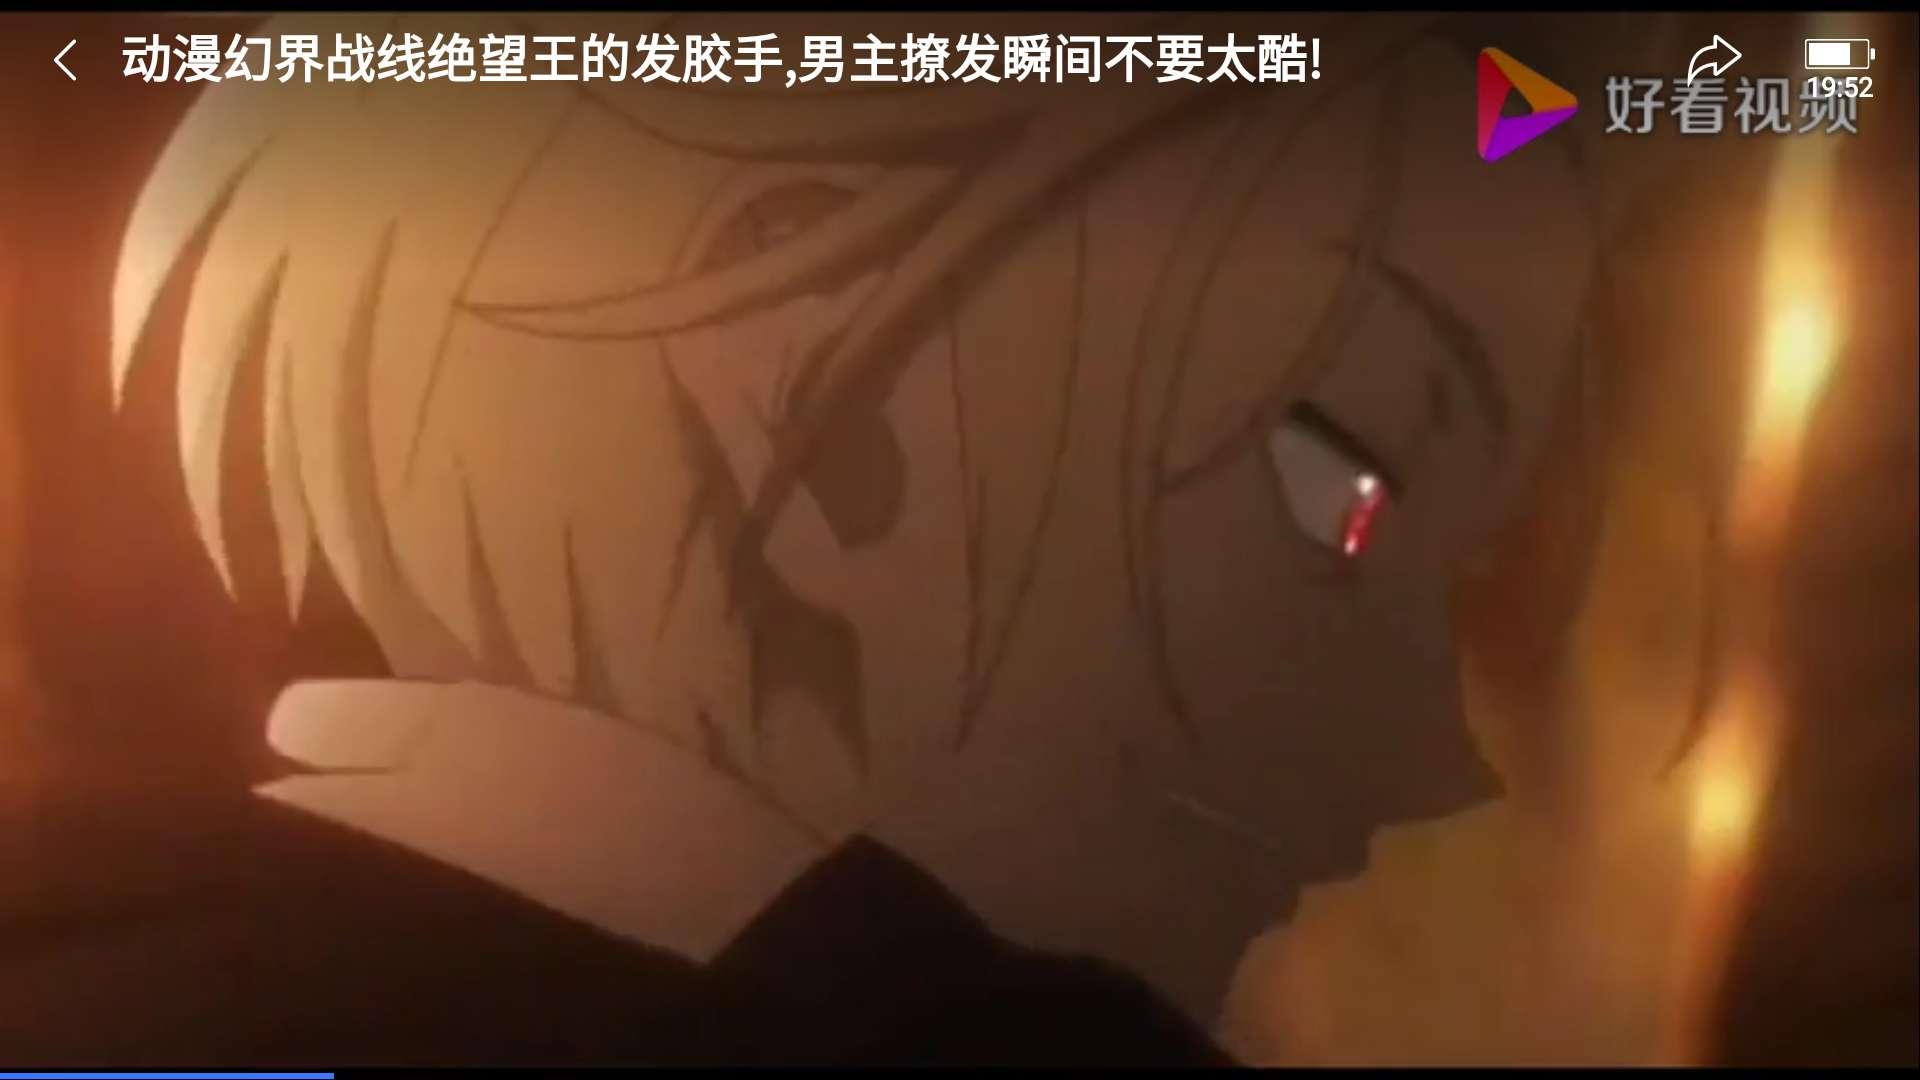 【求图】绝望王撩头发图高清